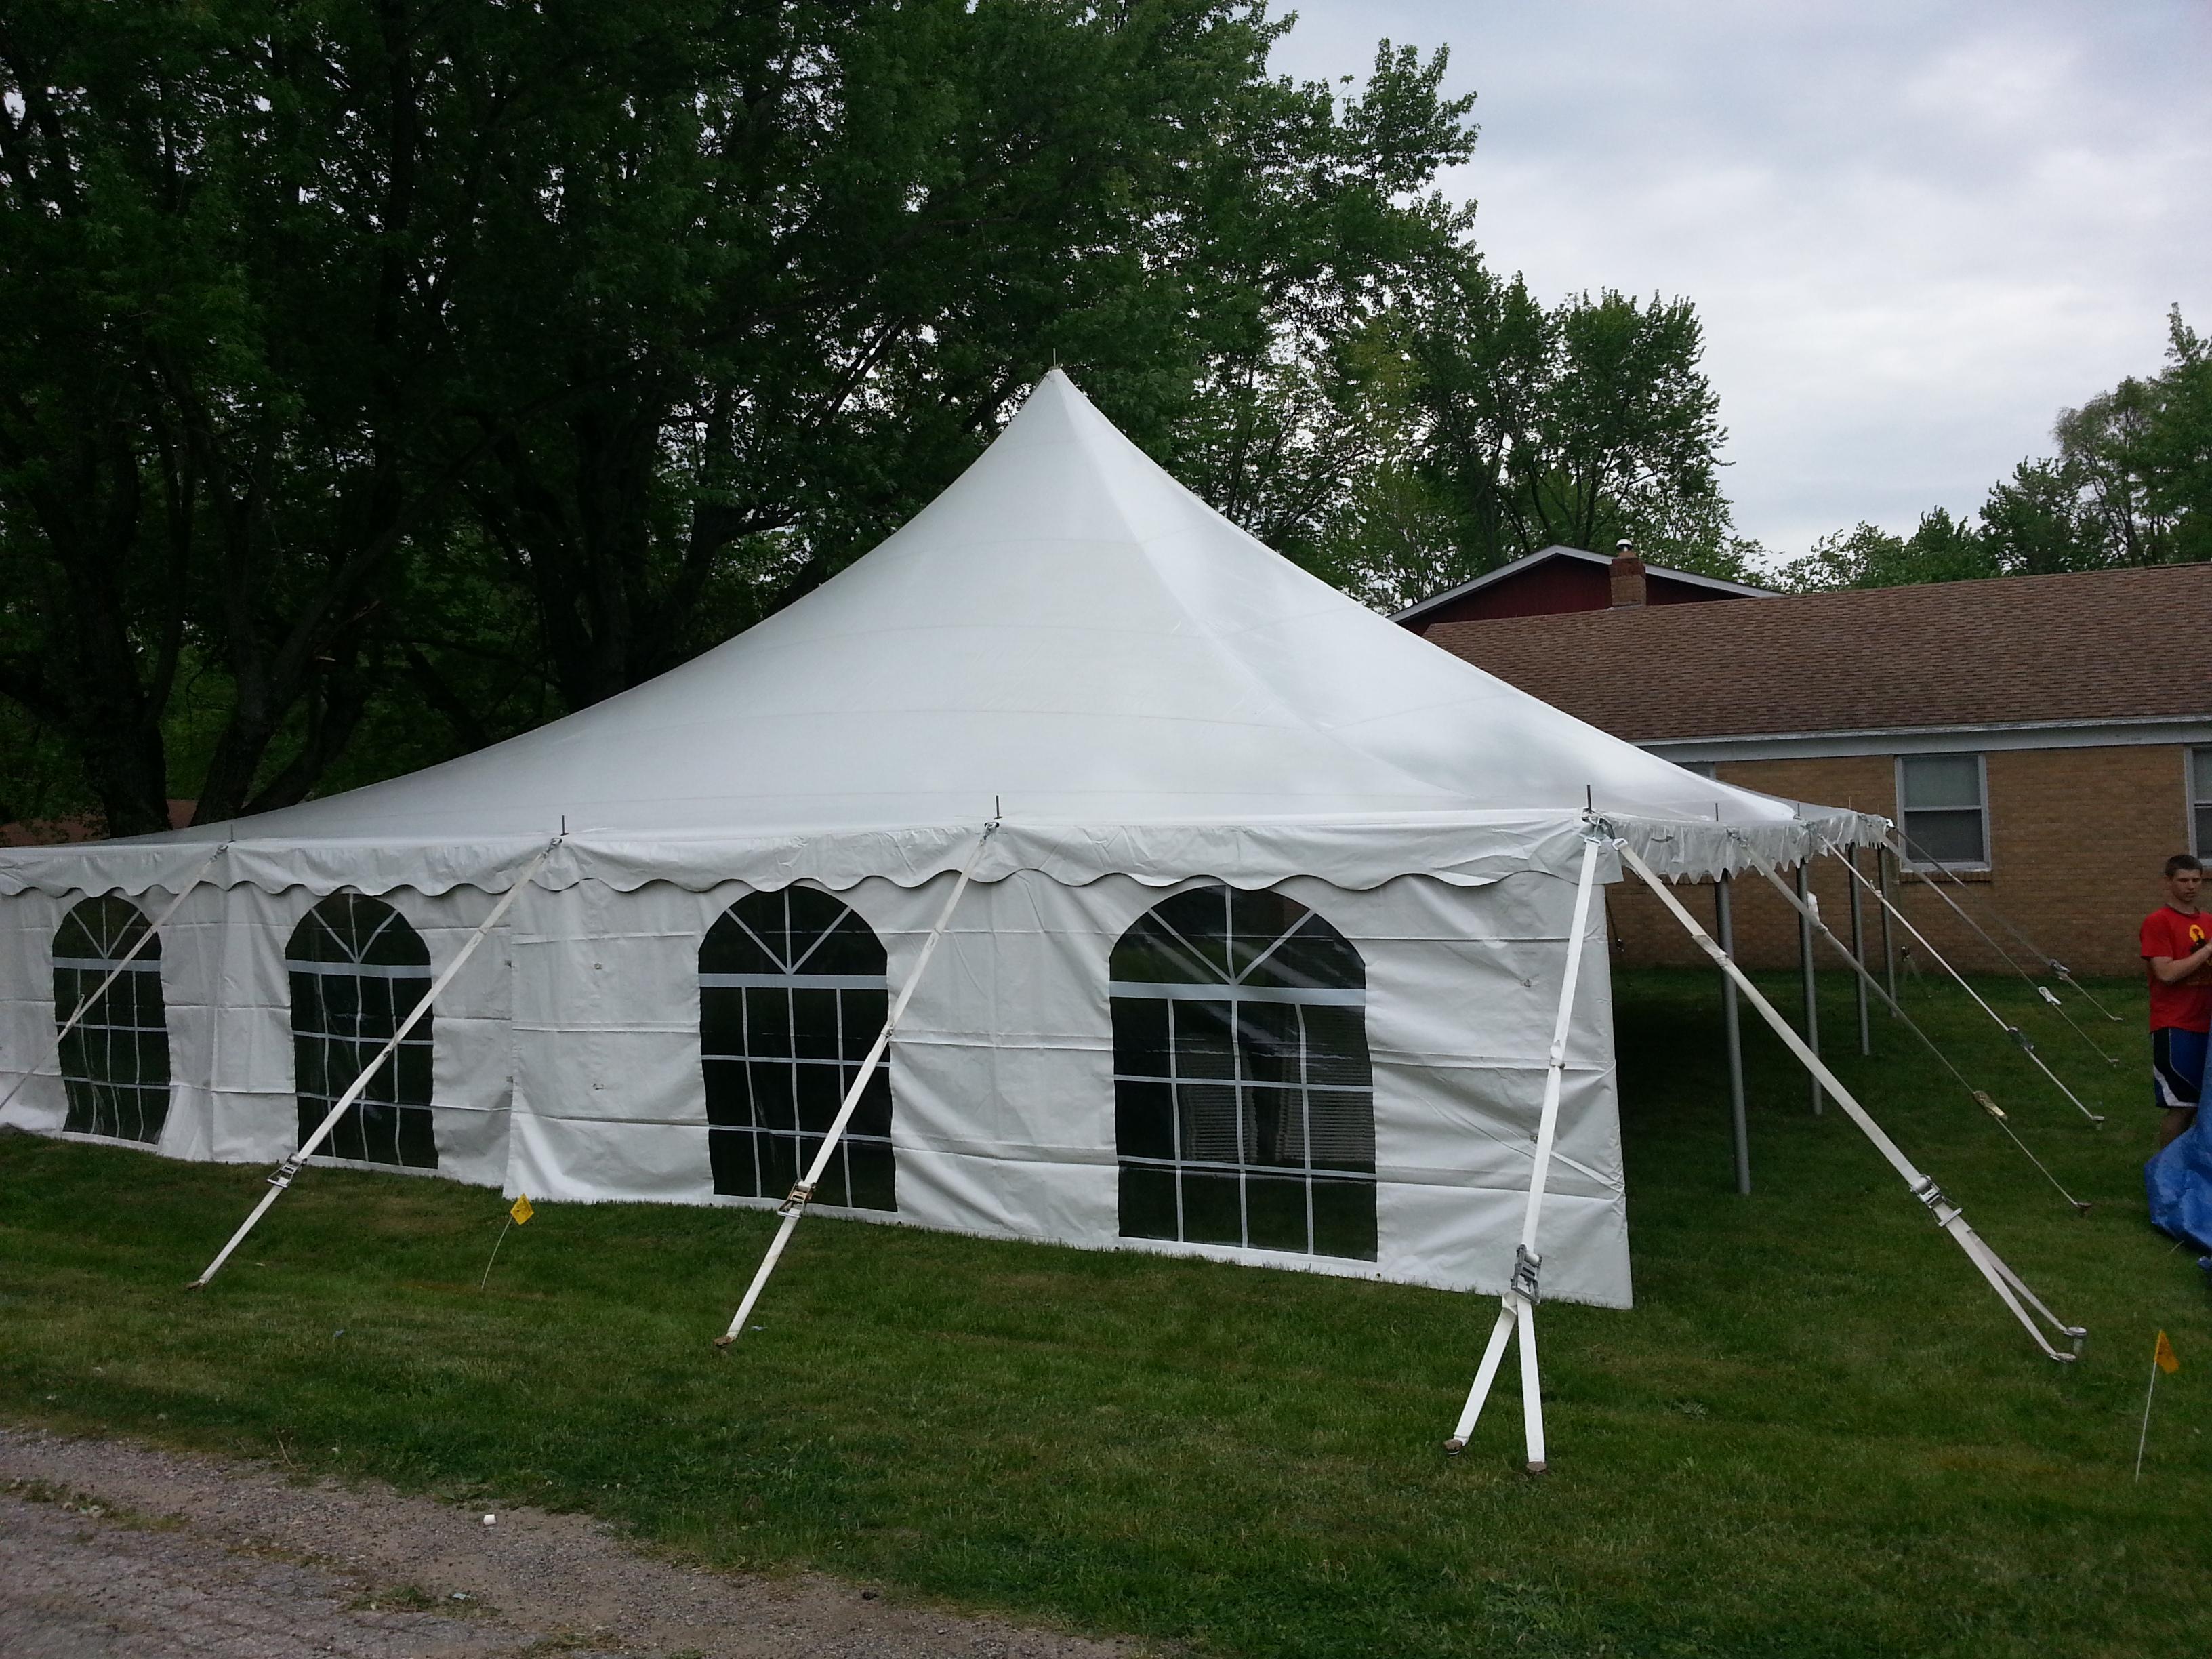 40x40 white century pole tent